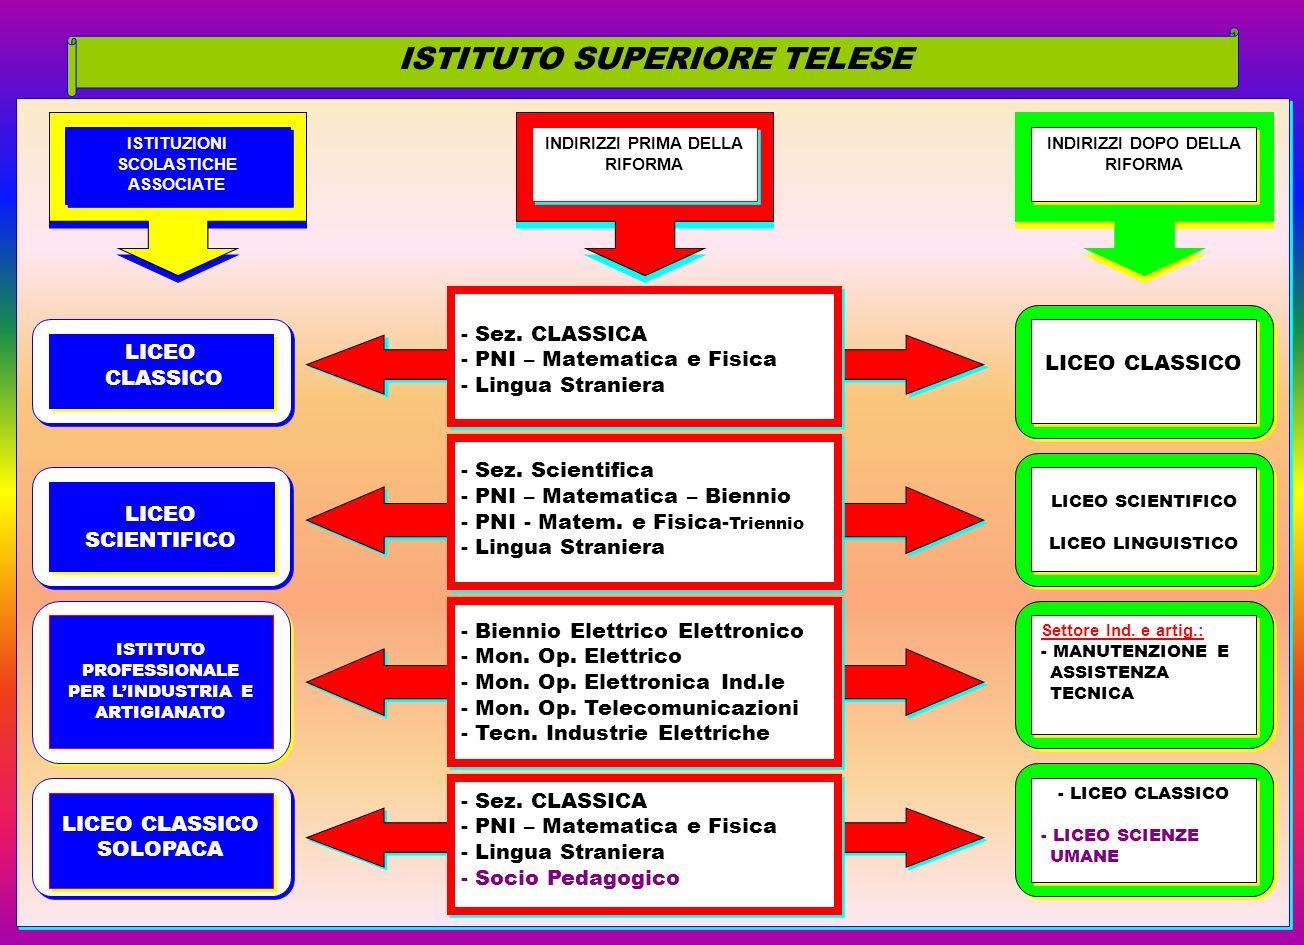 ISTITUTO SUPERIORE TELESE